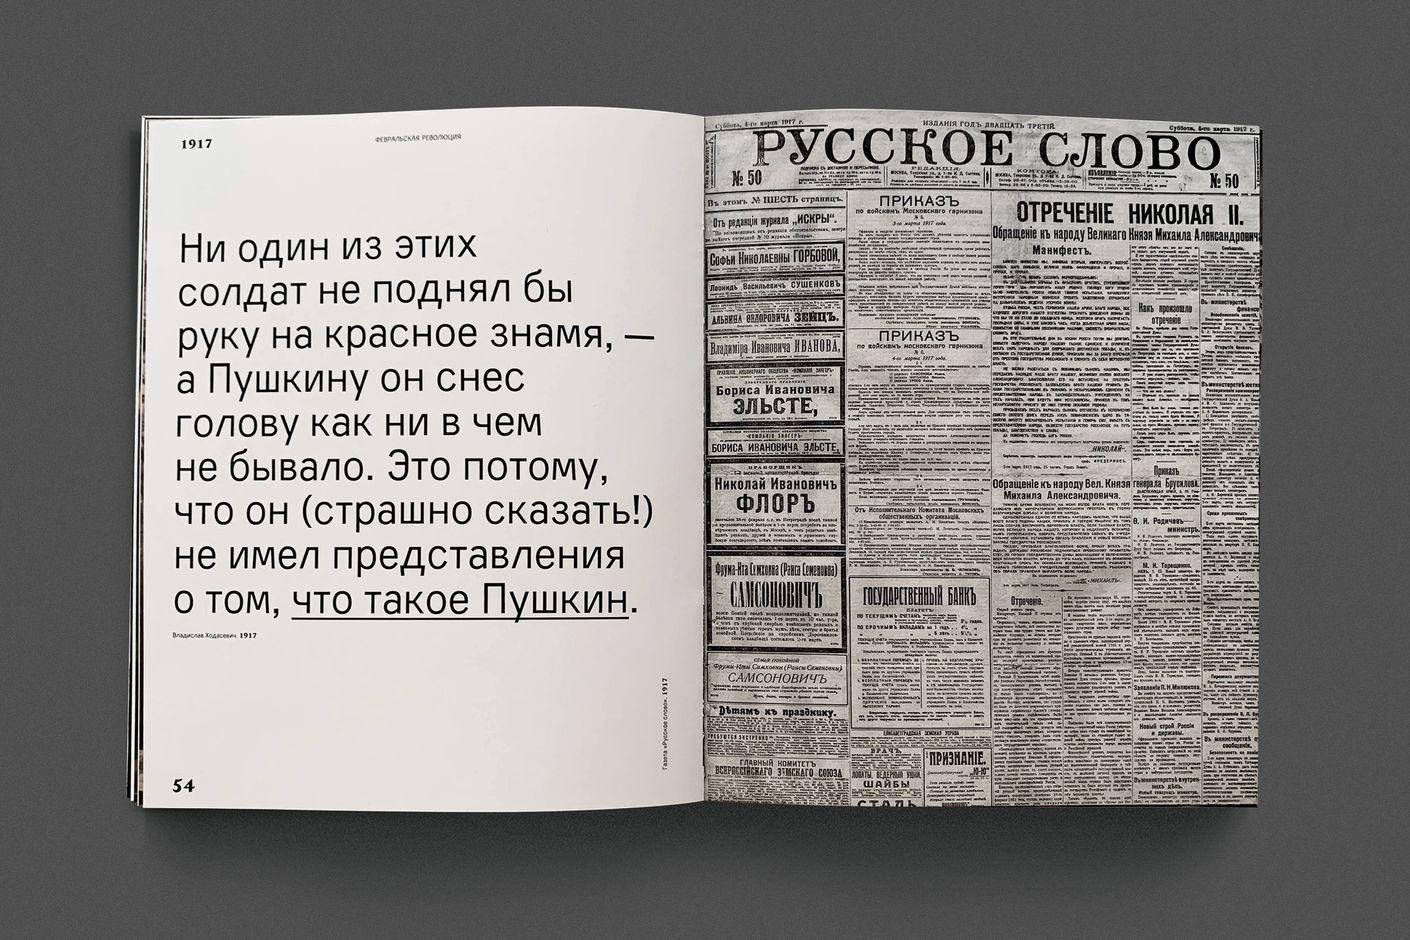 Москва XX век, визуальное исследование, книга Лаборатория дизайна НИУ ВШЭ - hsedesignlab.ru